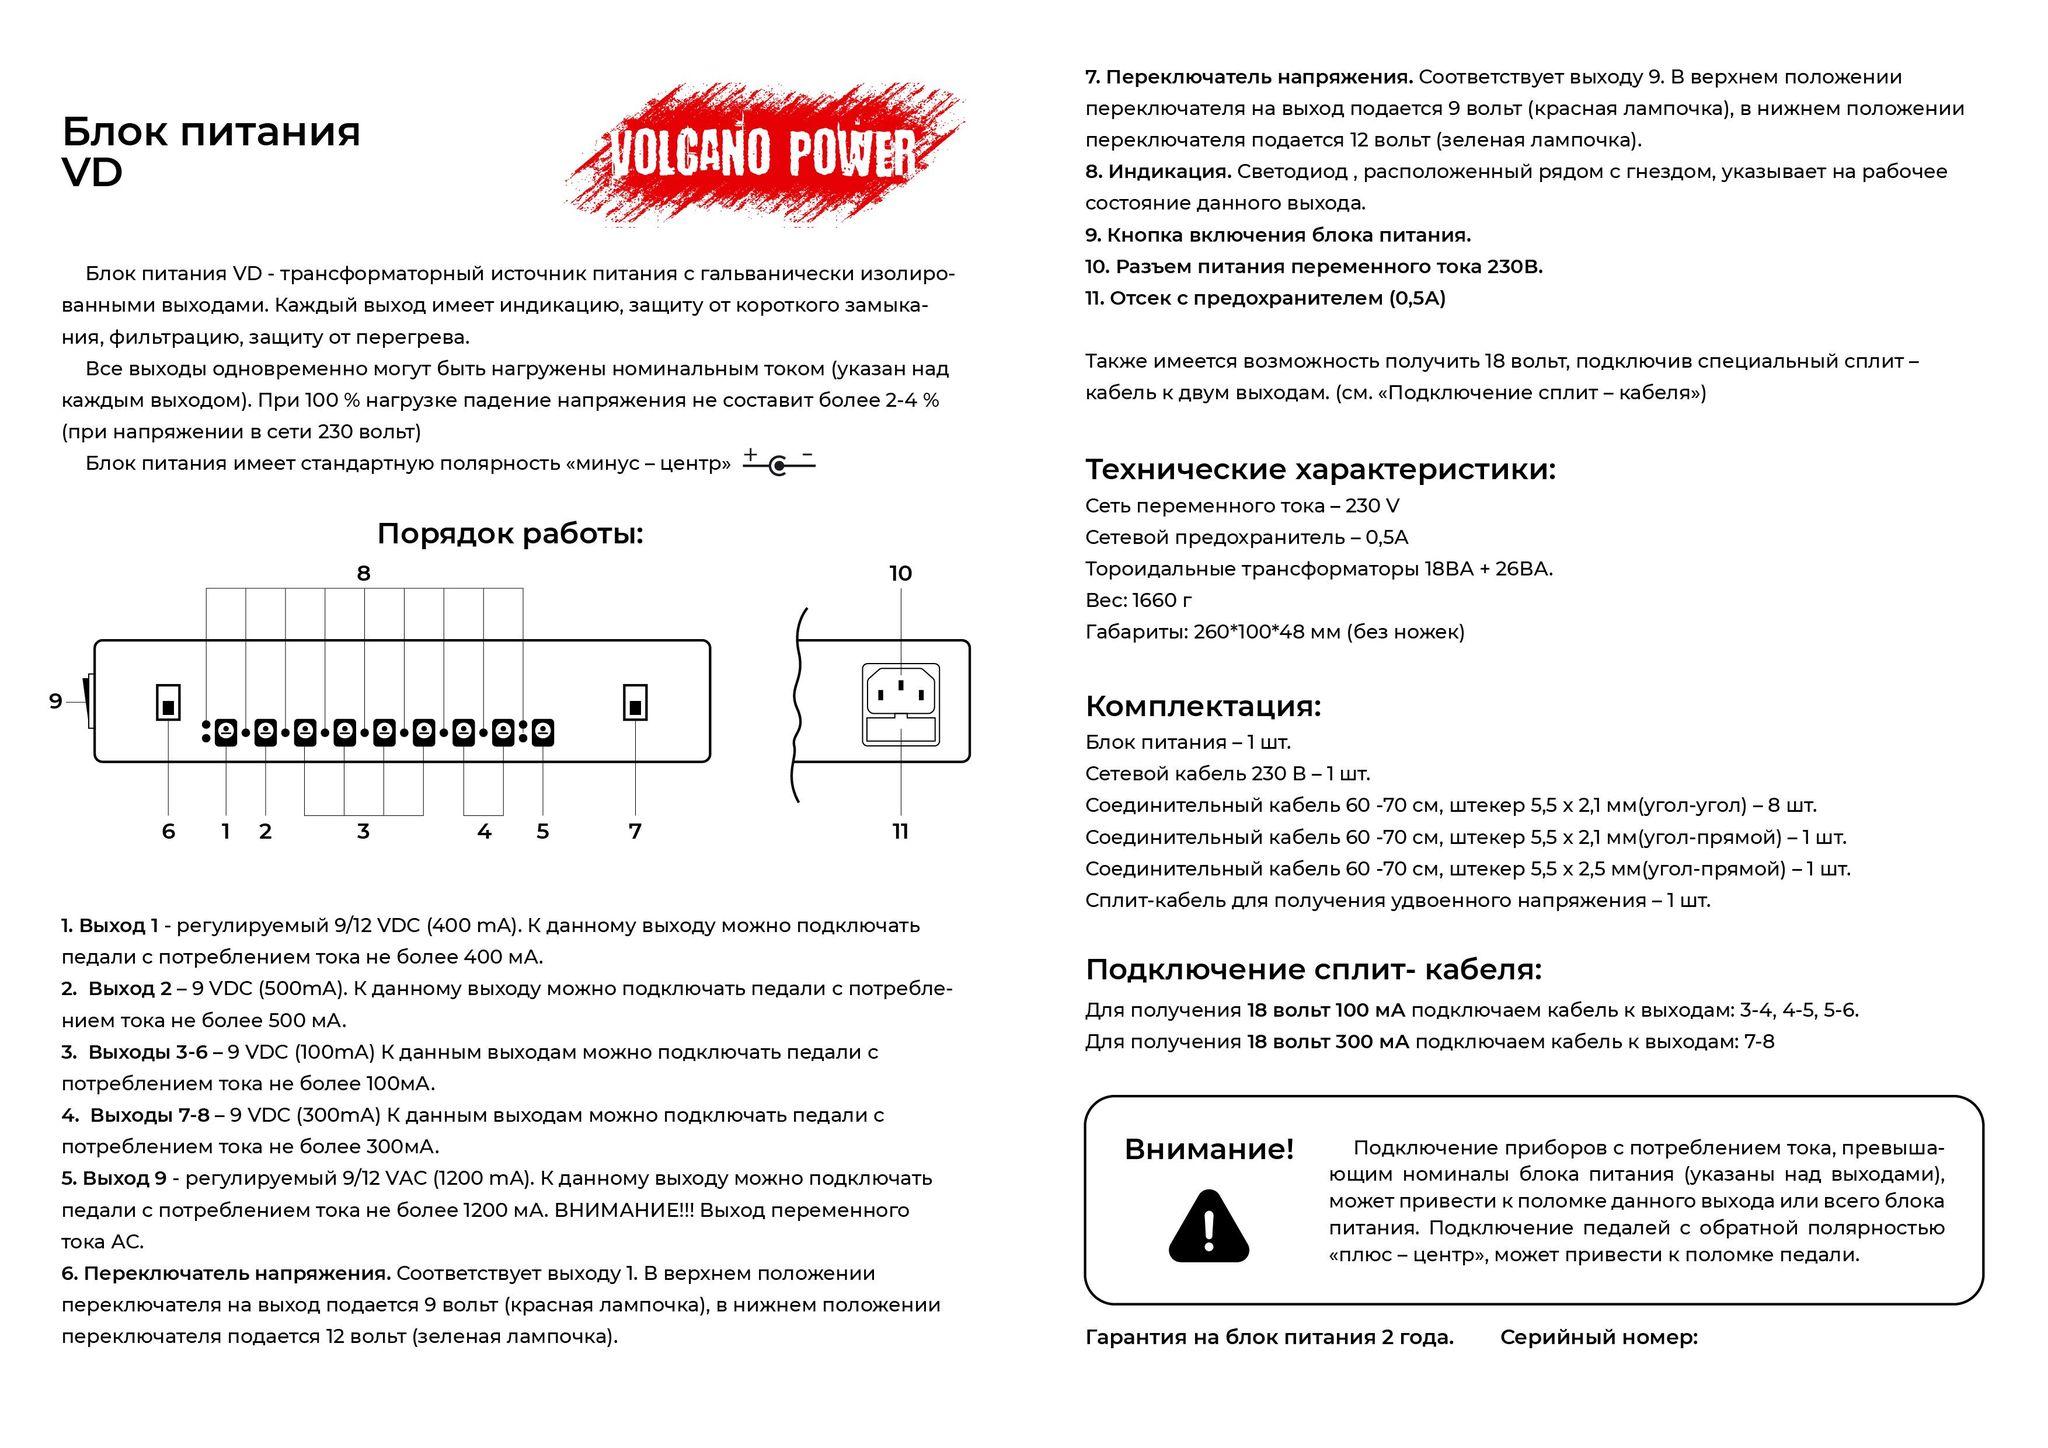 Инструкция к блоку питания VP 4